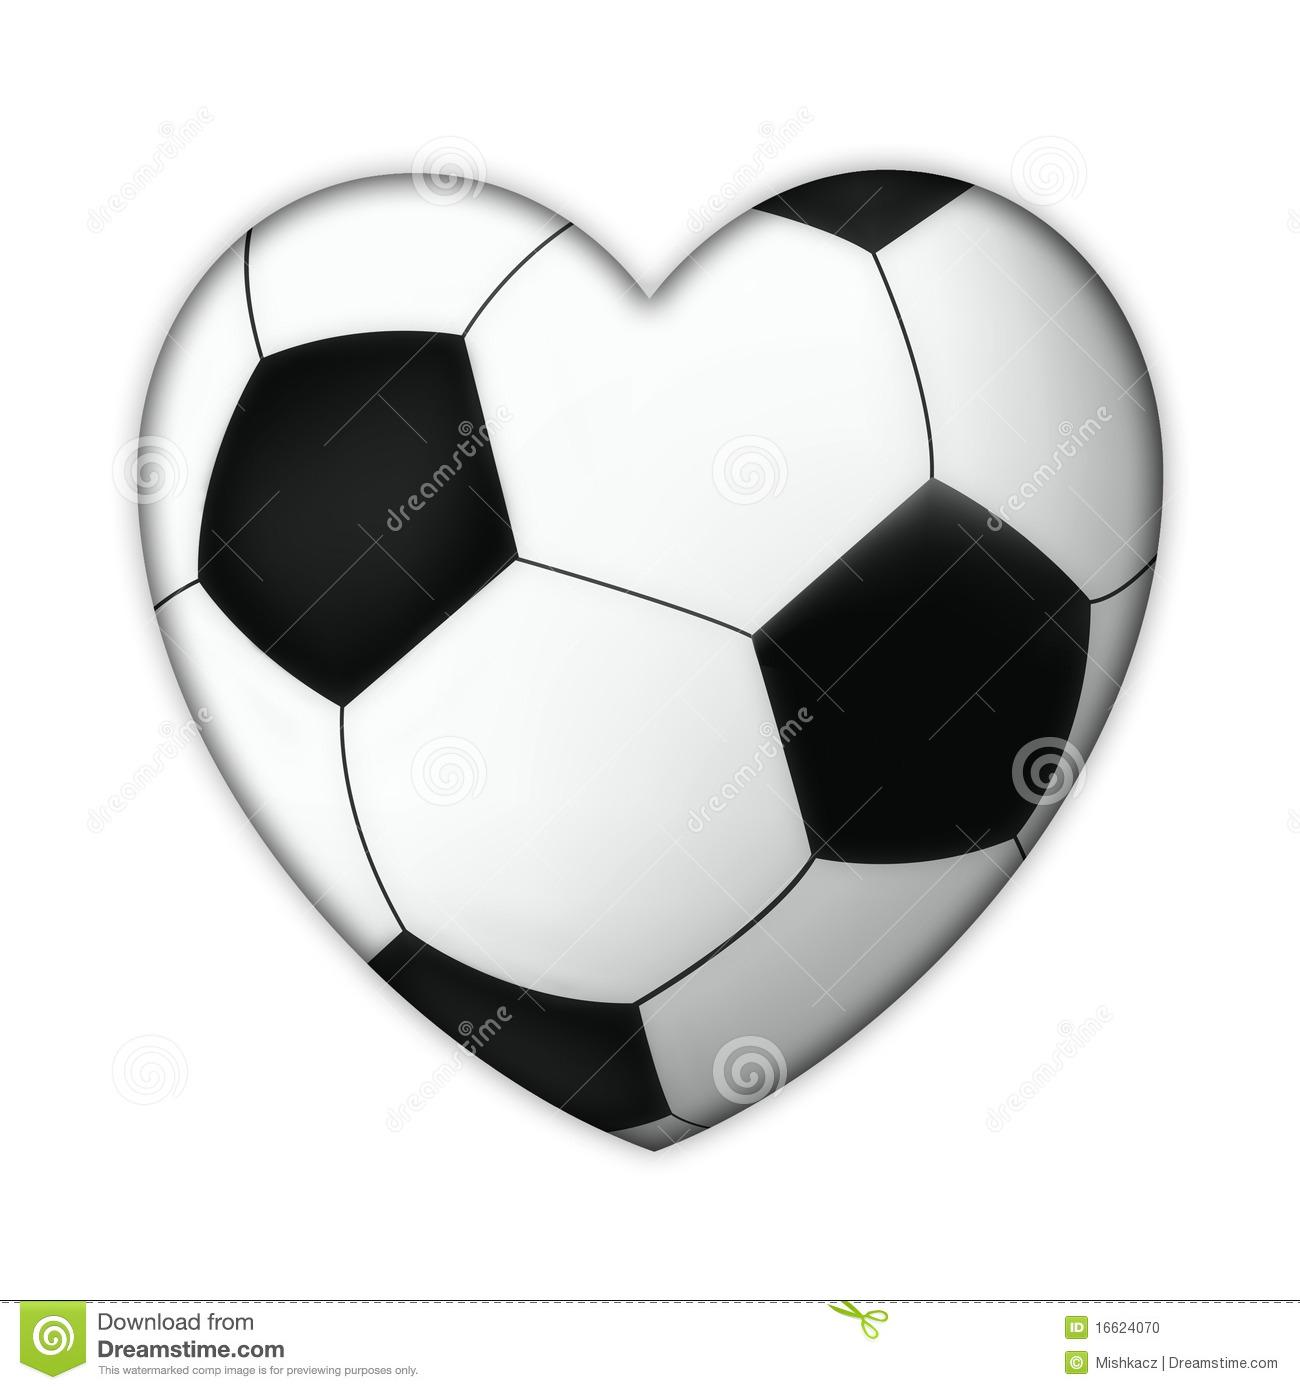 Soccer ball heart clipart svg freeuse Soccer heart clipart - ClipartFest svg freeuse